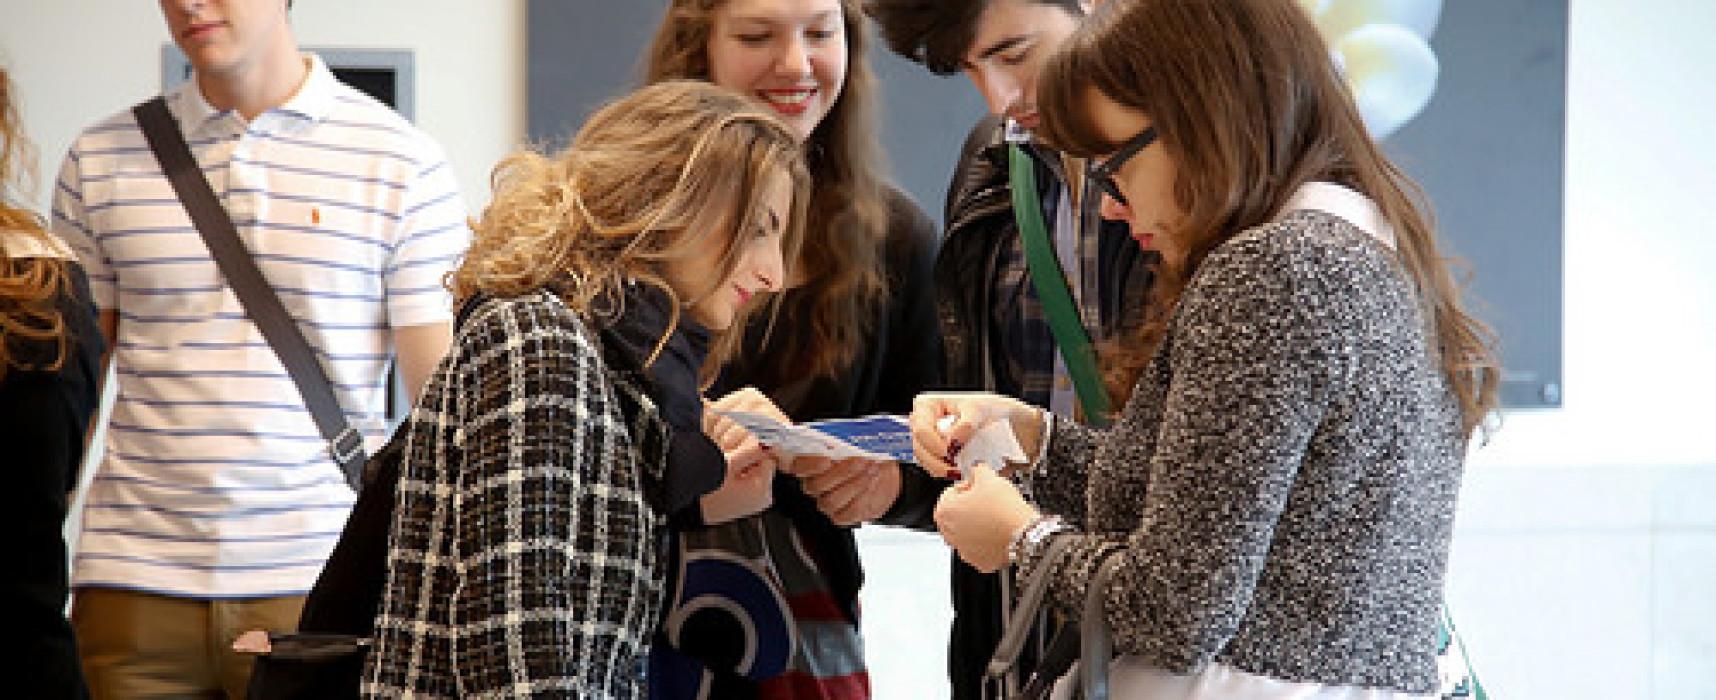 Attivo il portale nazionale per l'alternanza scuola-lavoro per gli studenti delle Scuole Superiori